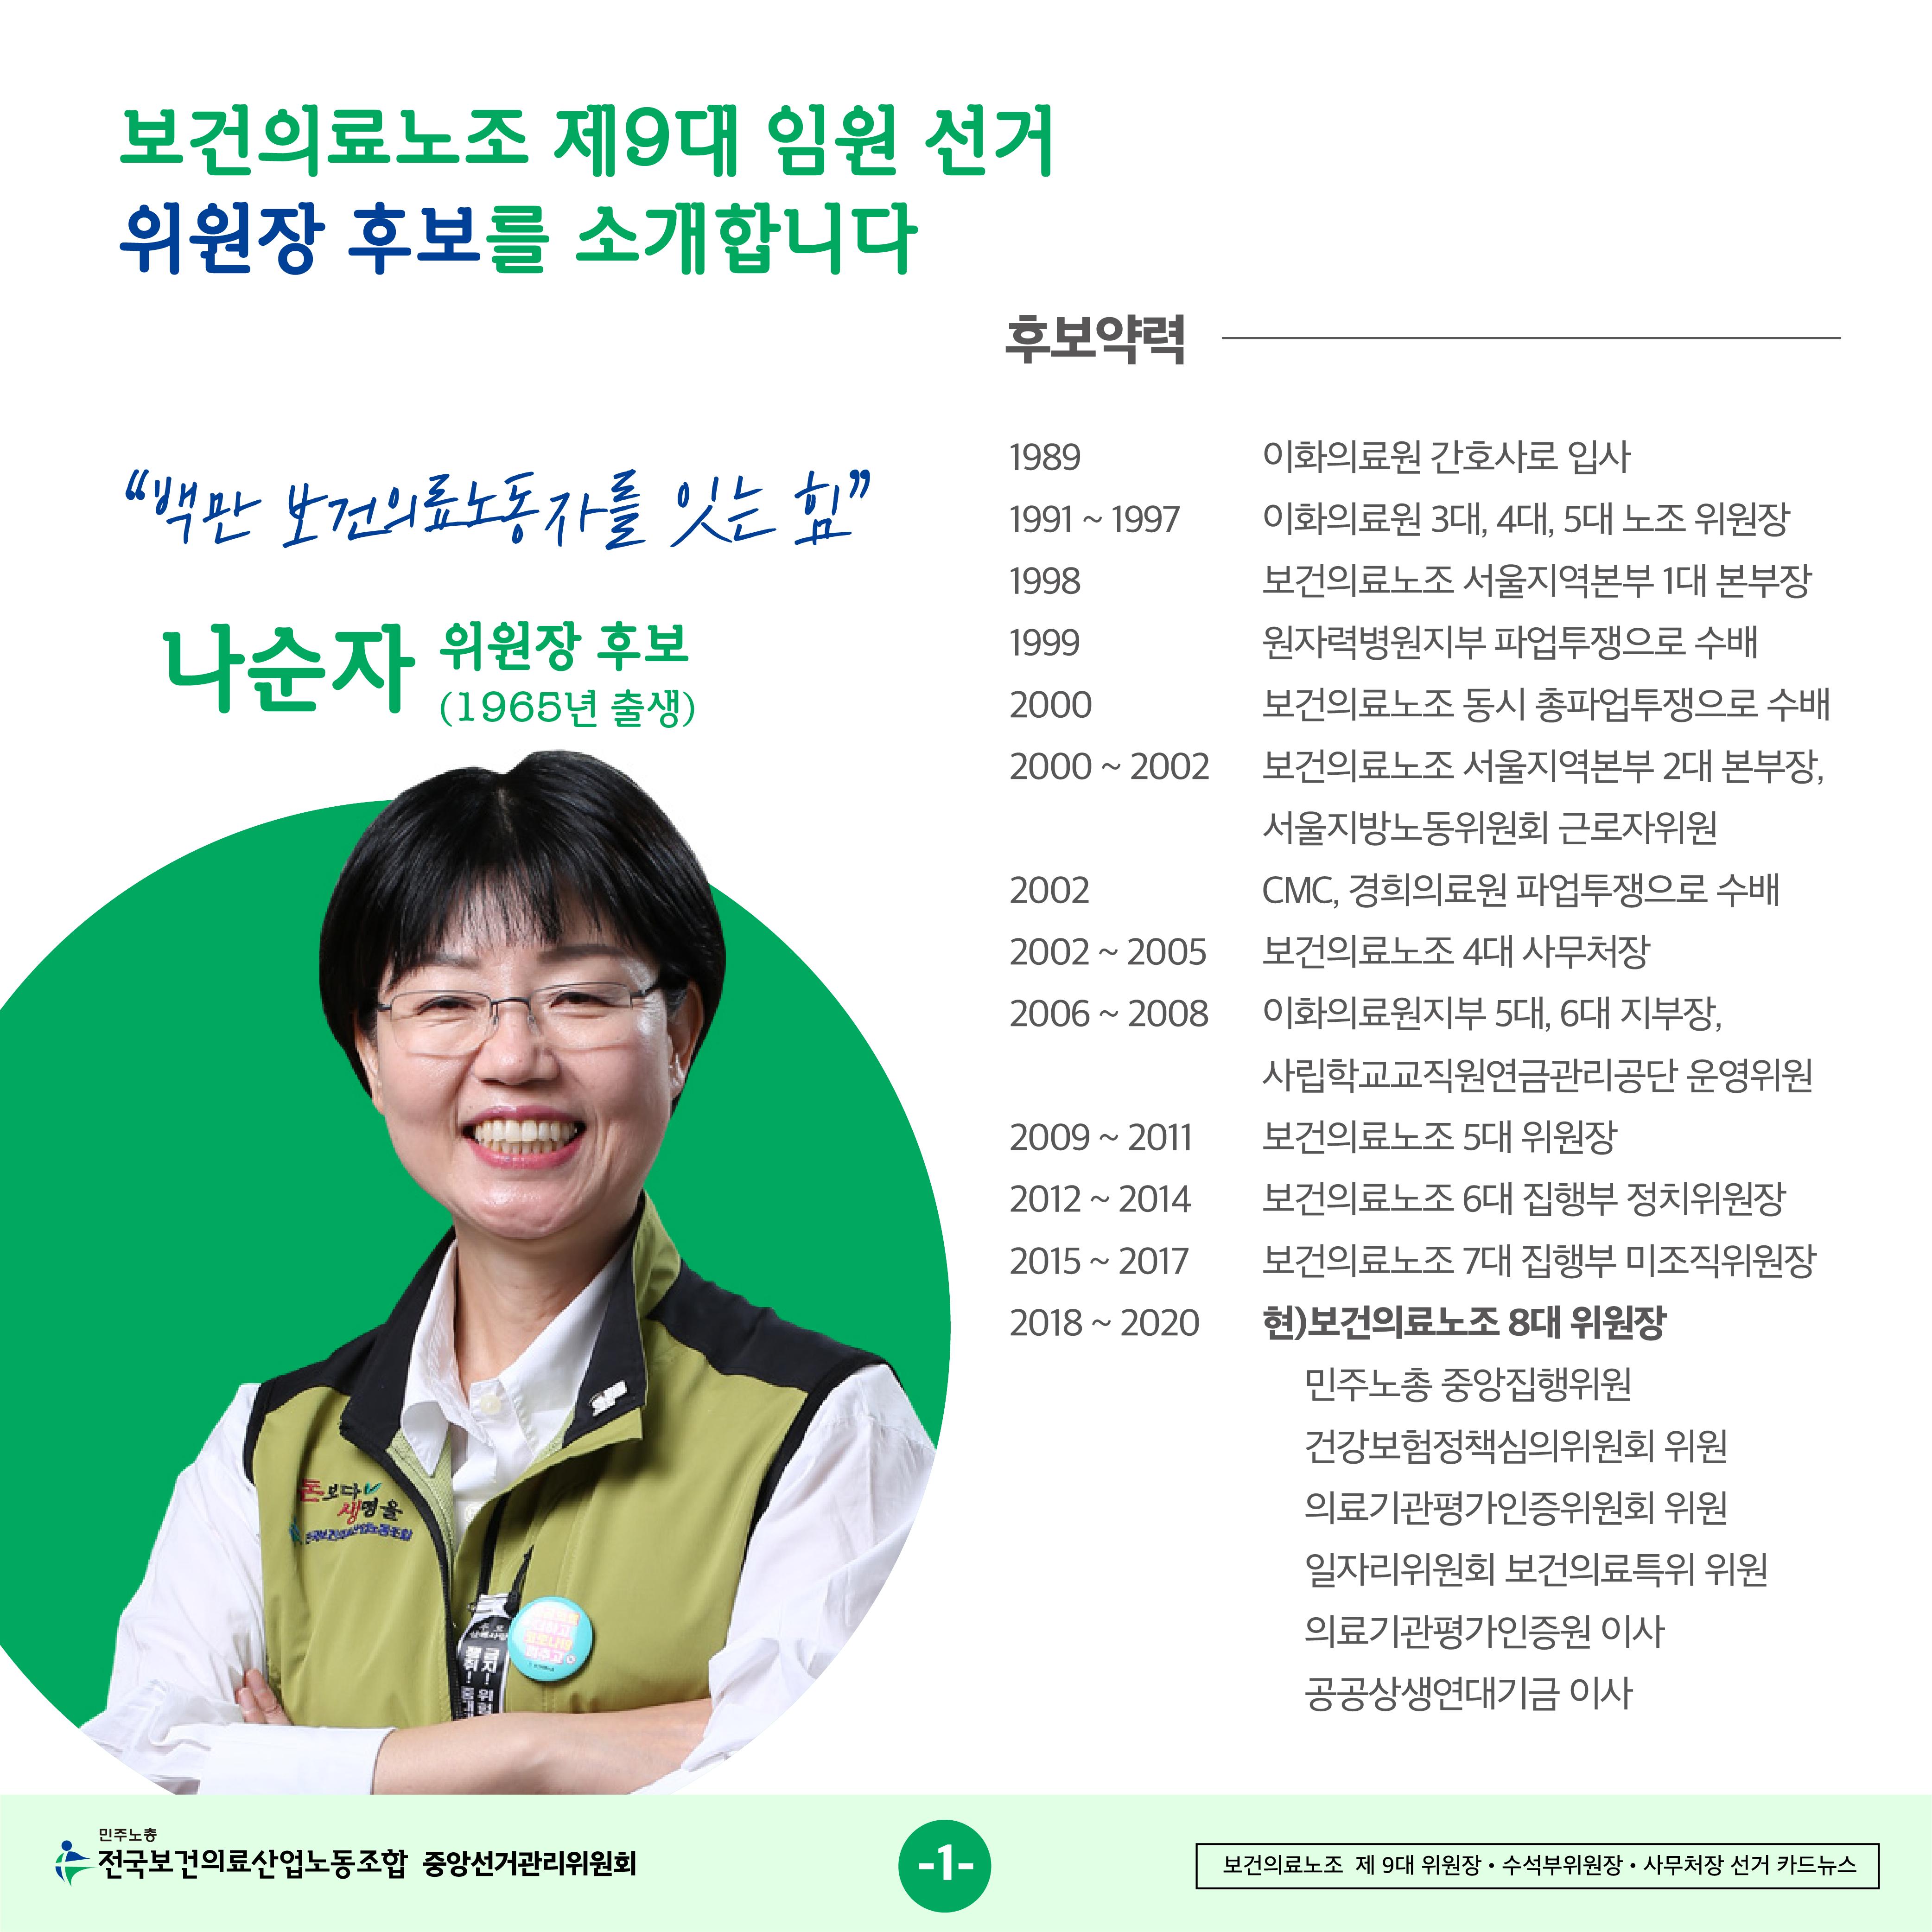 중선관위_카드뉴스_대지 1 사본.png